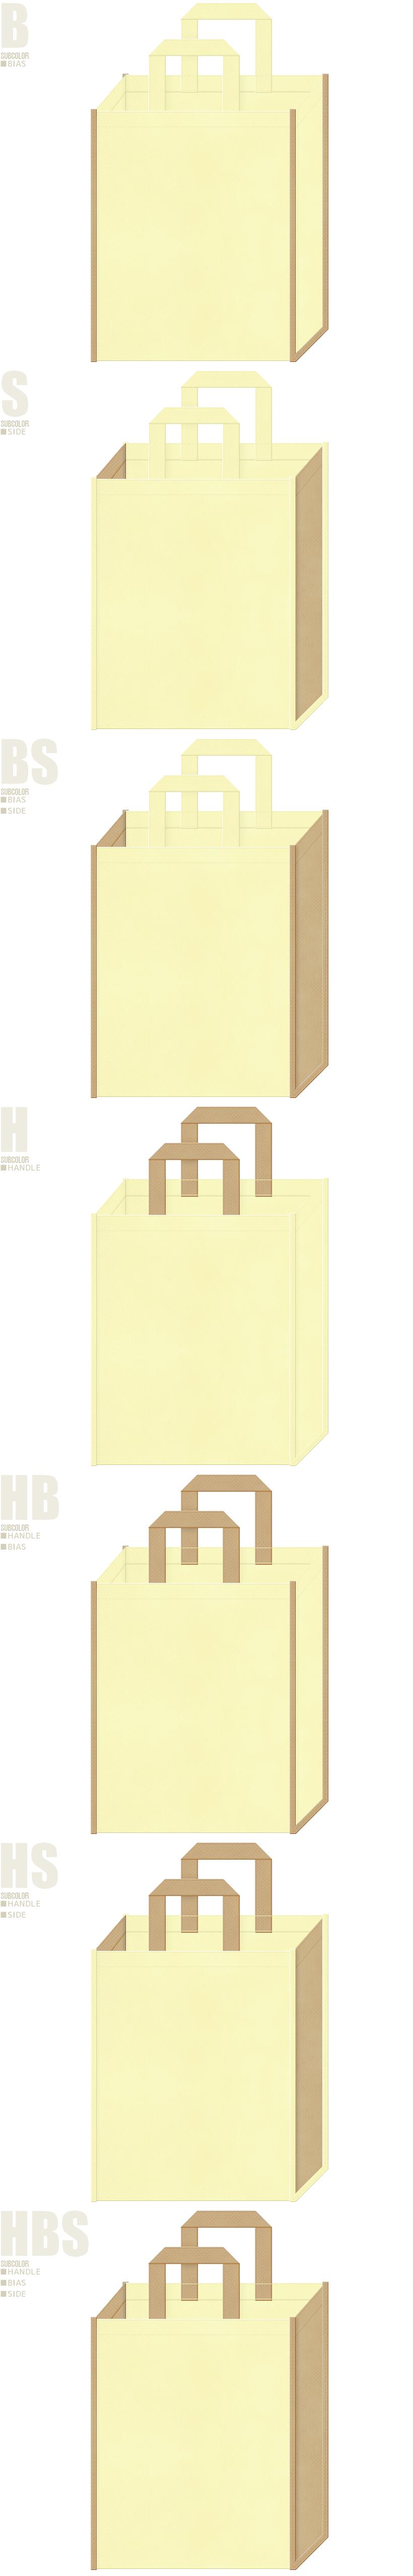 ガーリーデザイン・手芸用品・ベーカリー・スイーツにお奨めの不織布バッグデザイン:薄黄色とカーキ色の配色7パターン。